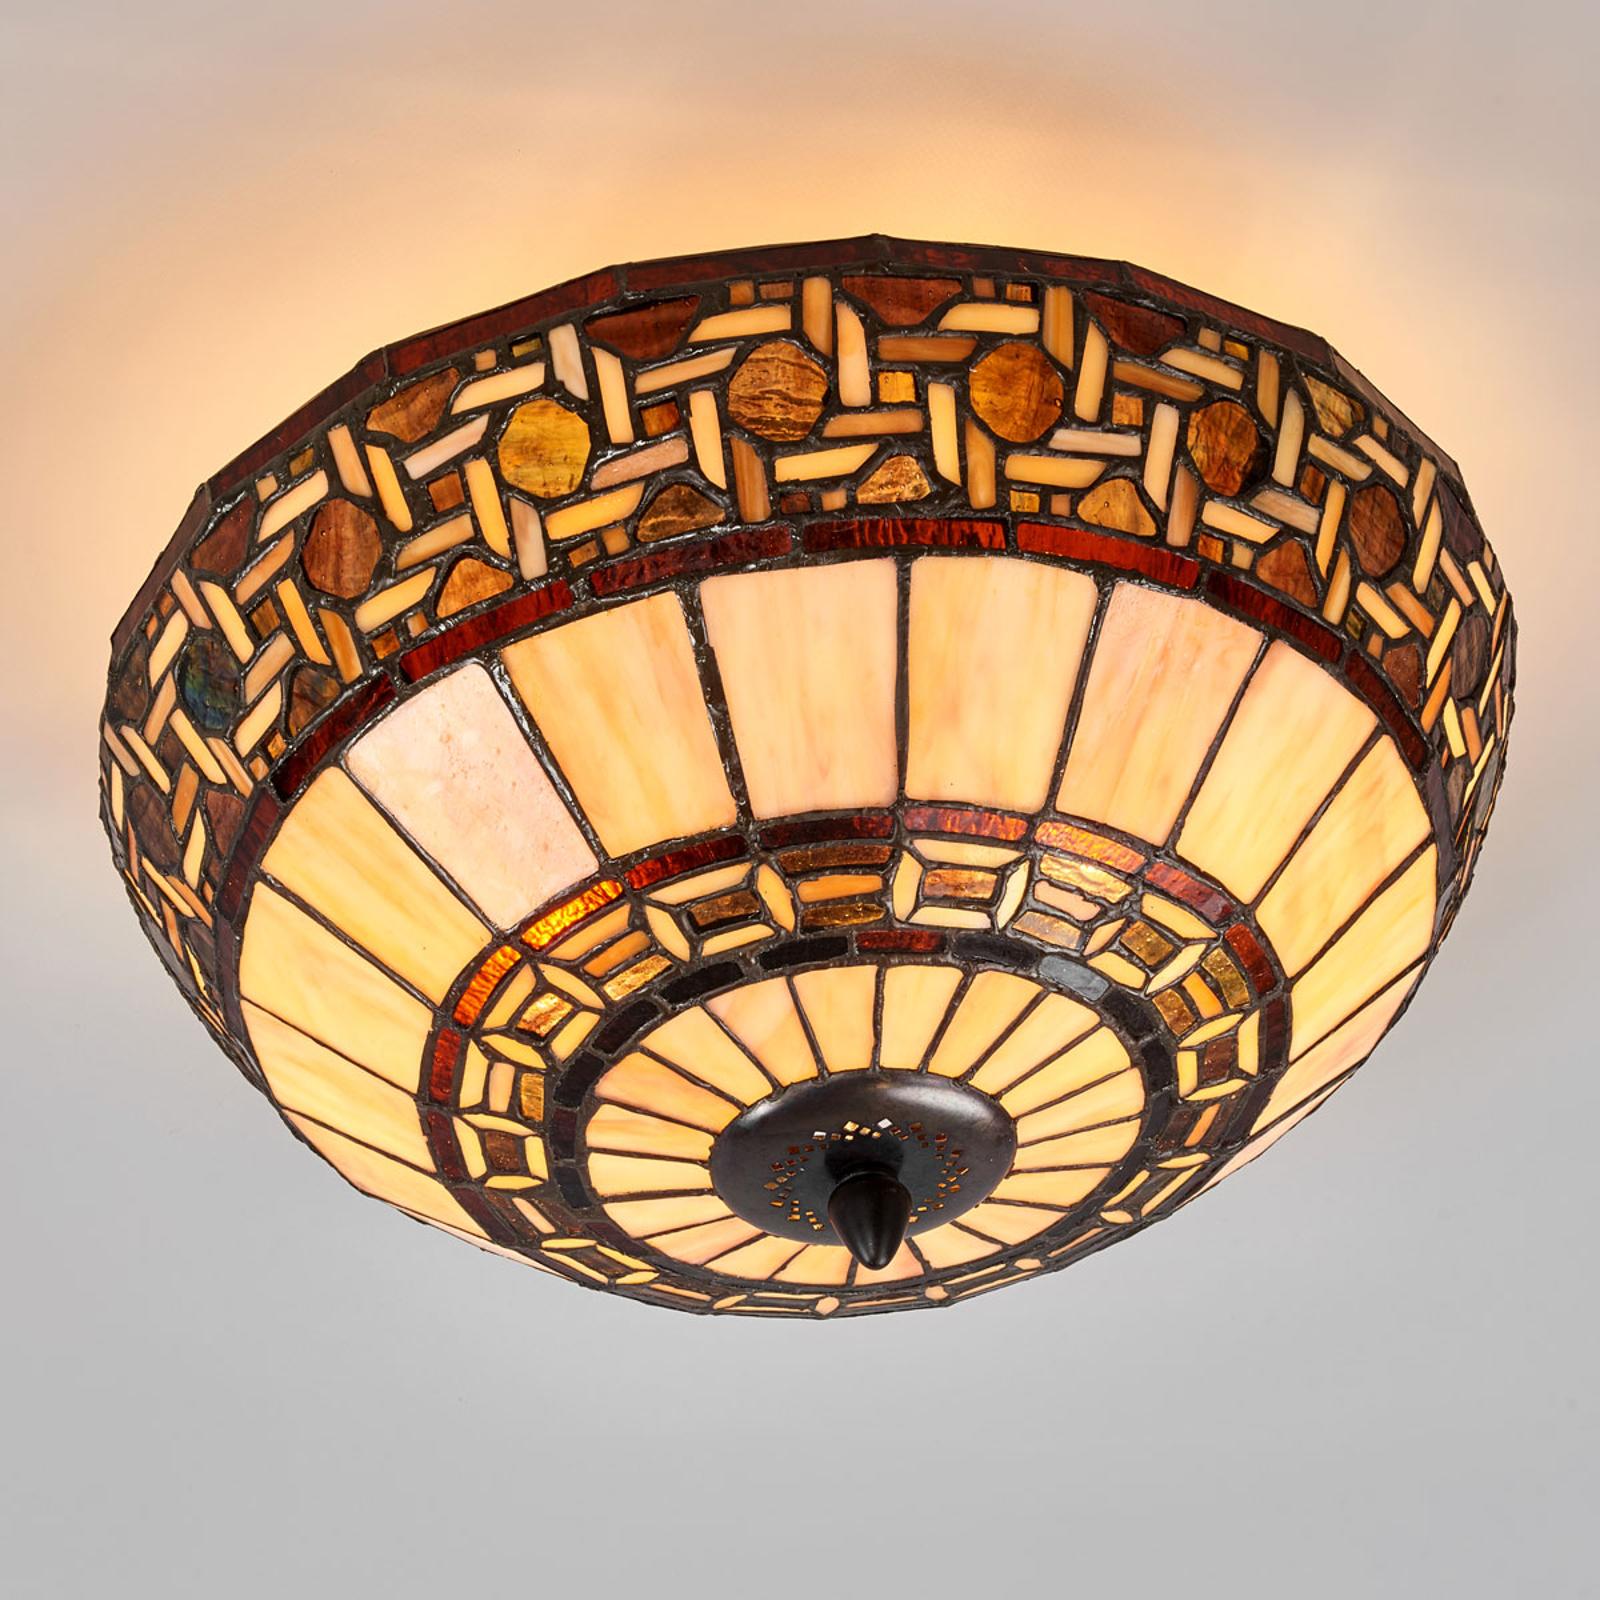 Wilma - lampada da soffitto in stile Tiffany